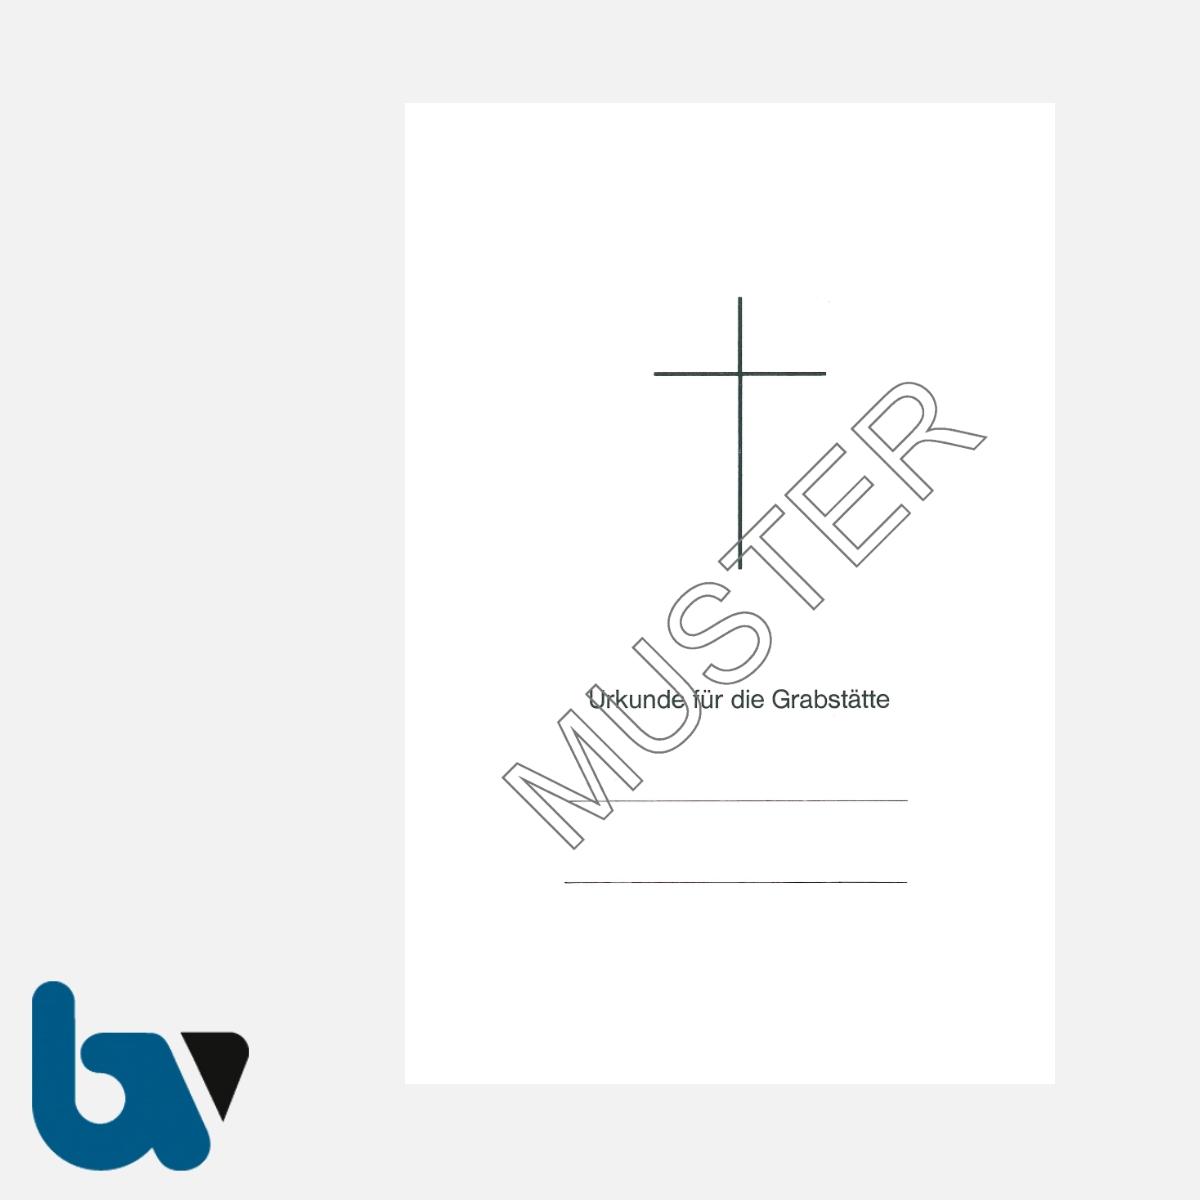 0/168-4.5 Grabstätten Urkunden Bücher ohne Kreuz Einlage PVC Hülle Klemmschiene DIN A5 Seite 1 | Borgard Verlag GmbH